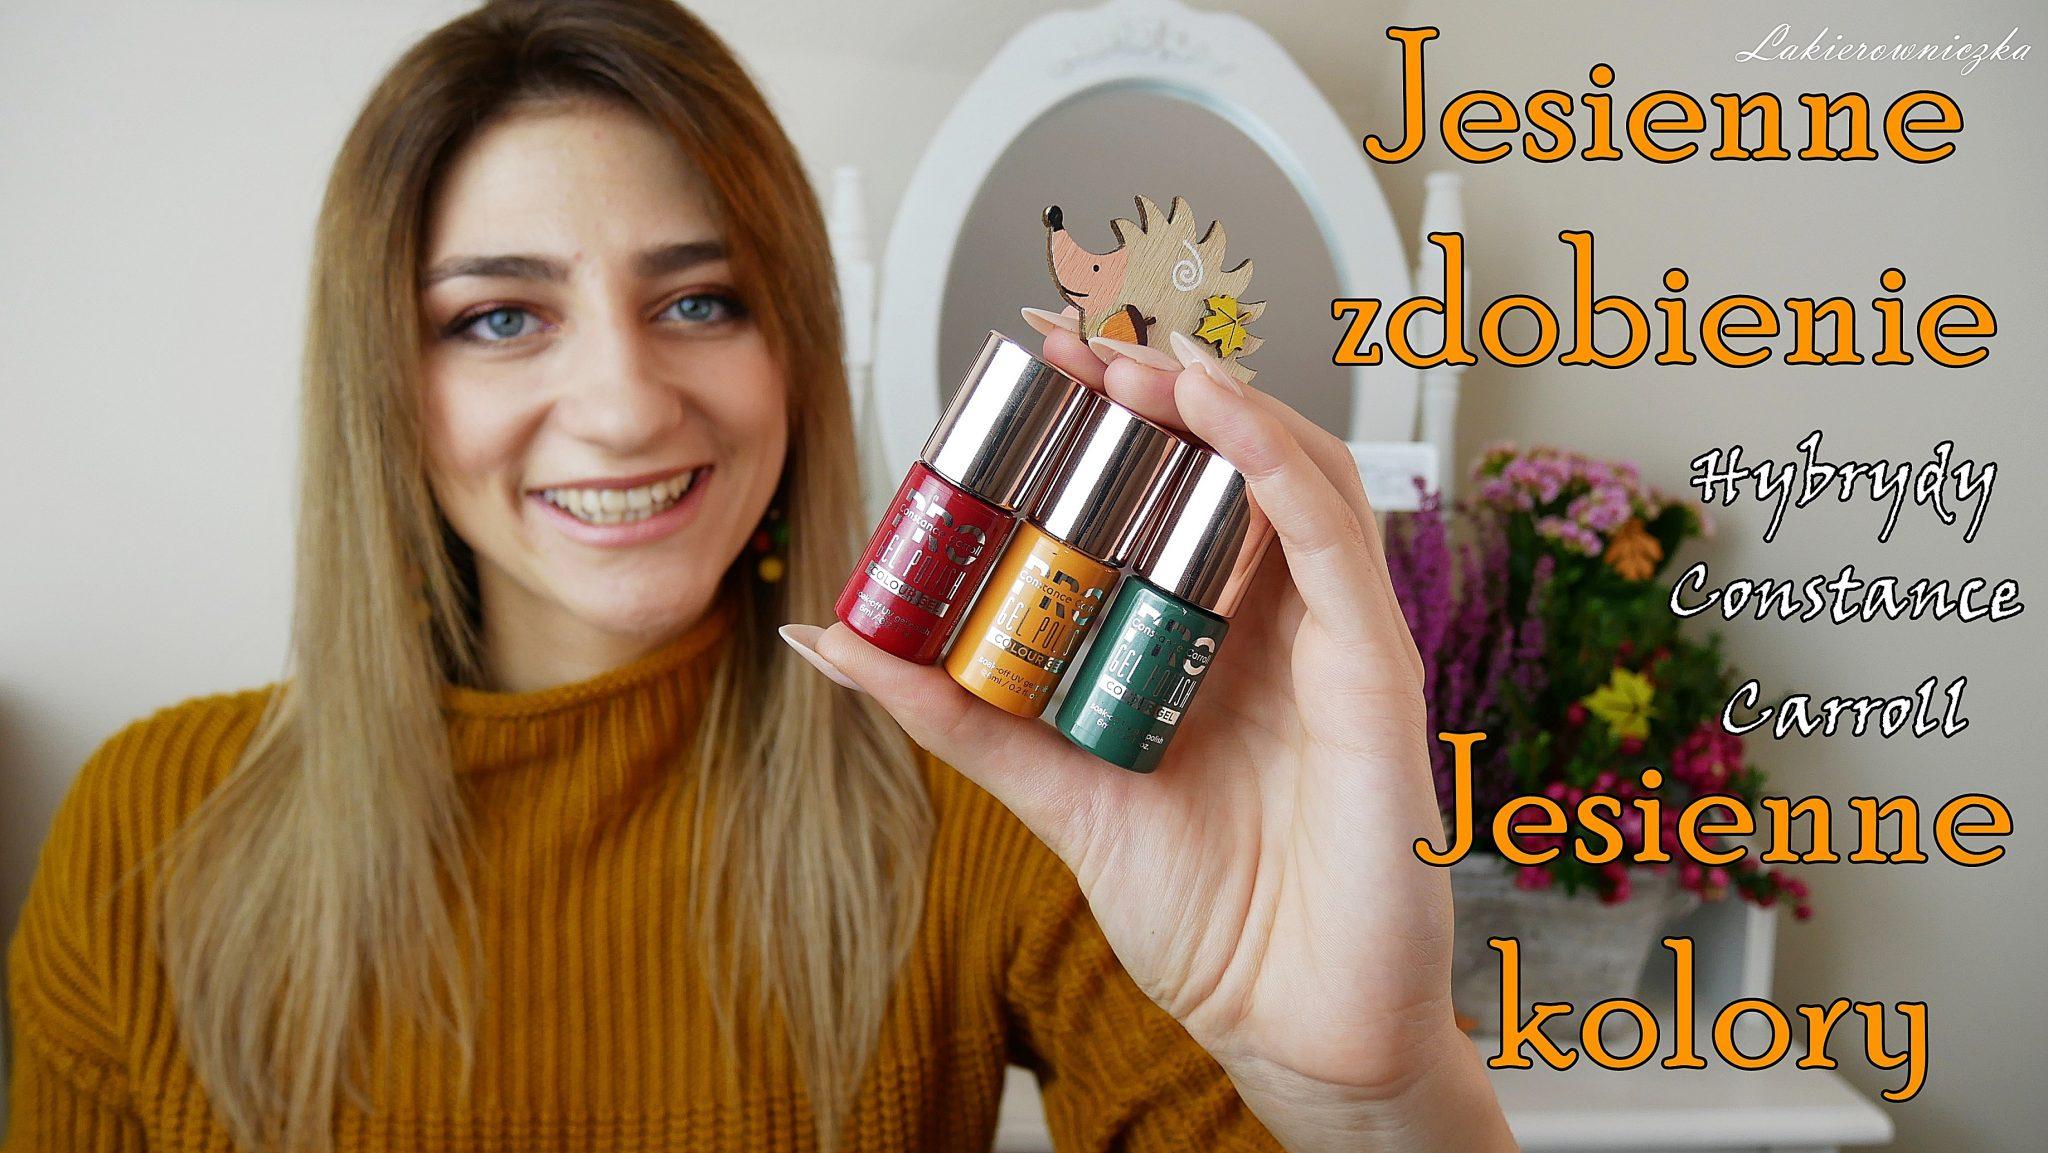 kolory-hybrydy-na-jesien-Constance-carroll-lakierowniczka-zdobienie-jesienne-jez-na-paznokciach-hybrydowych-musztardowy-bordo-zloty-nude-braz-granat-zielen-dynia-krok-po-kroku-tutorial-kolory hybrydy na jesień